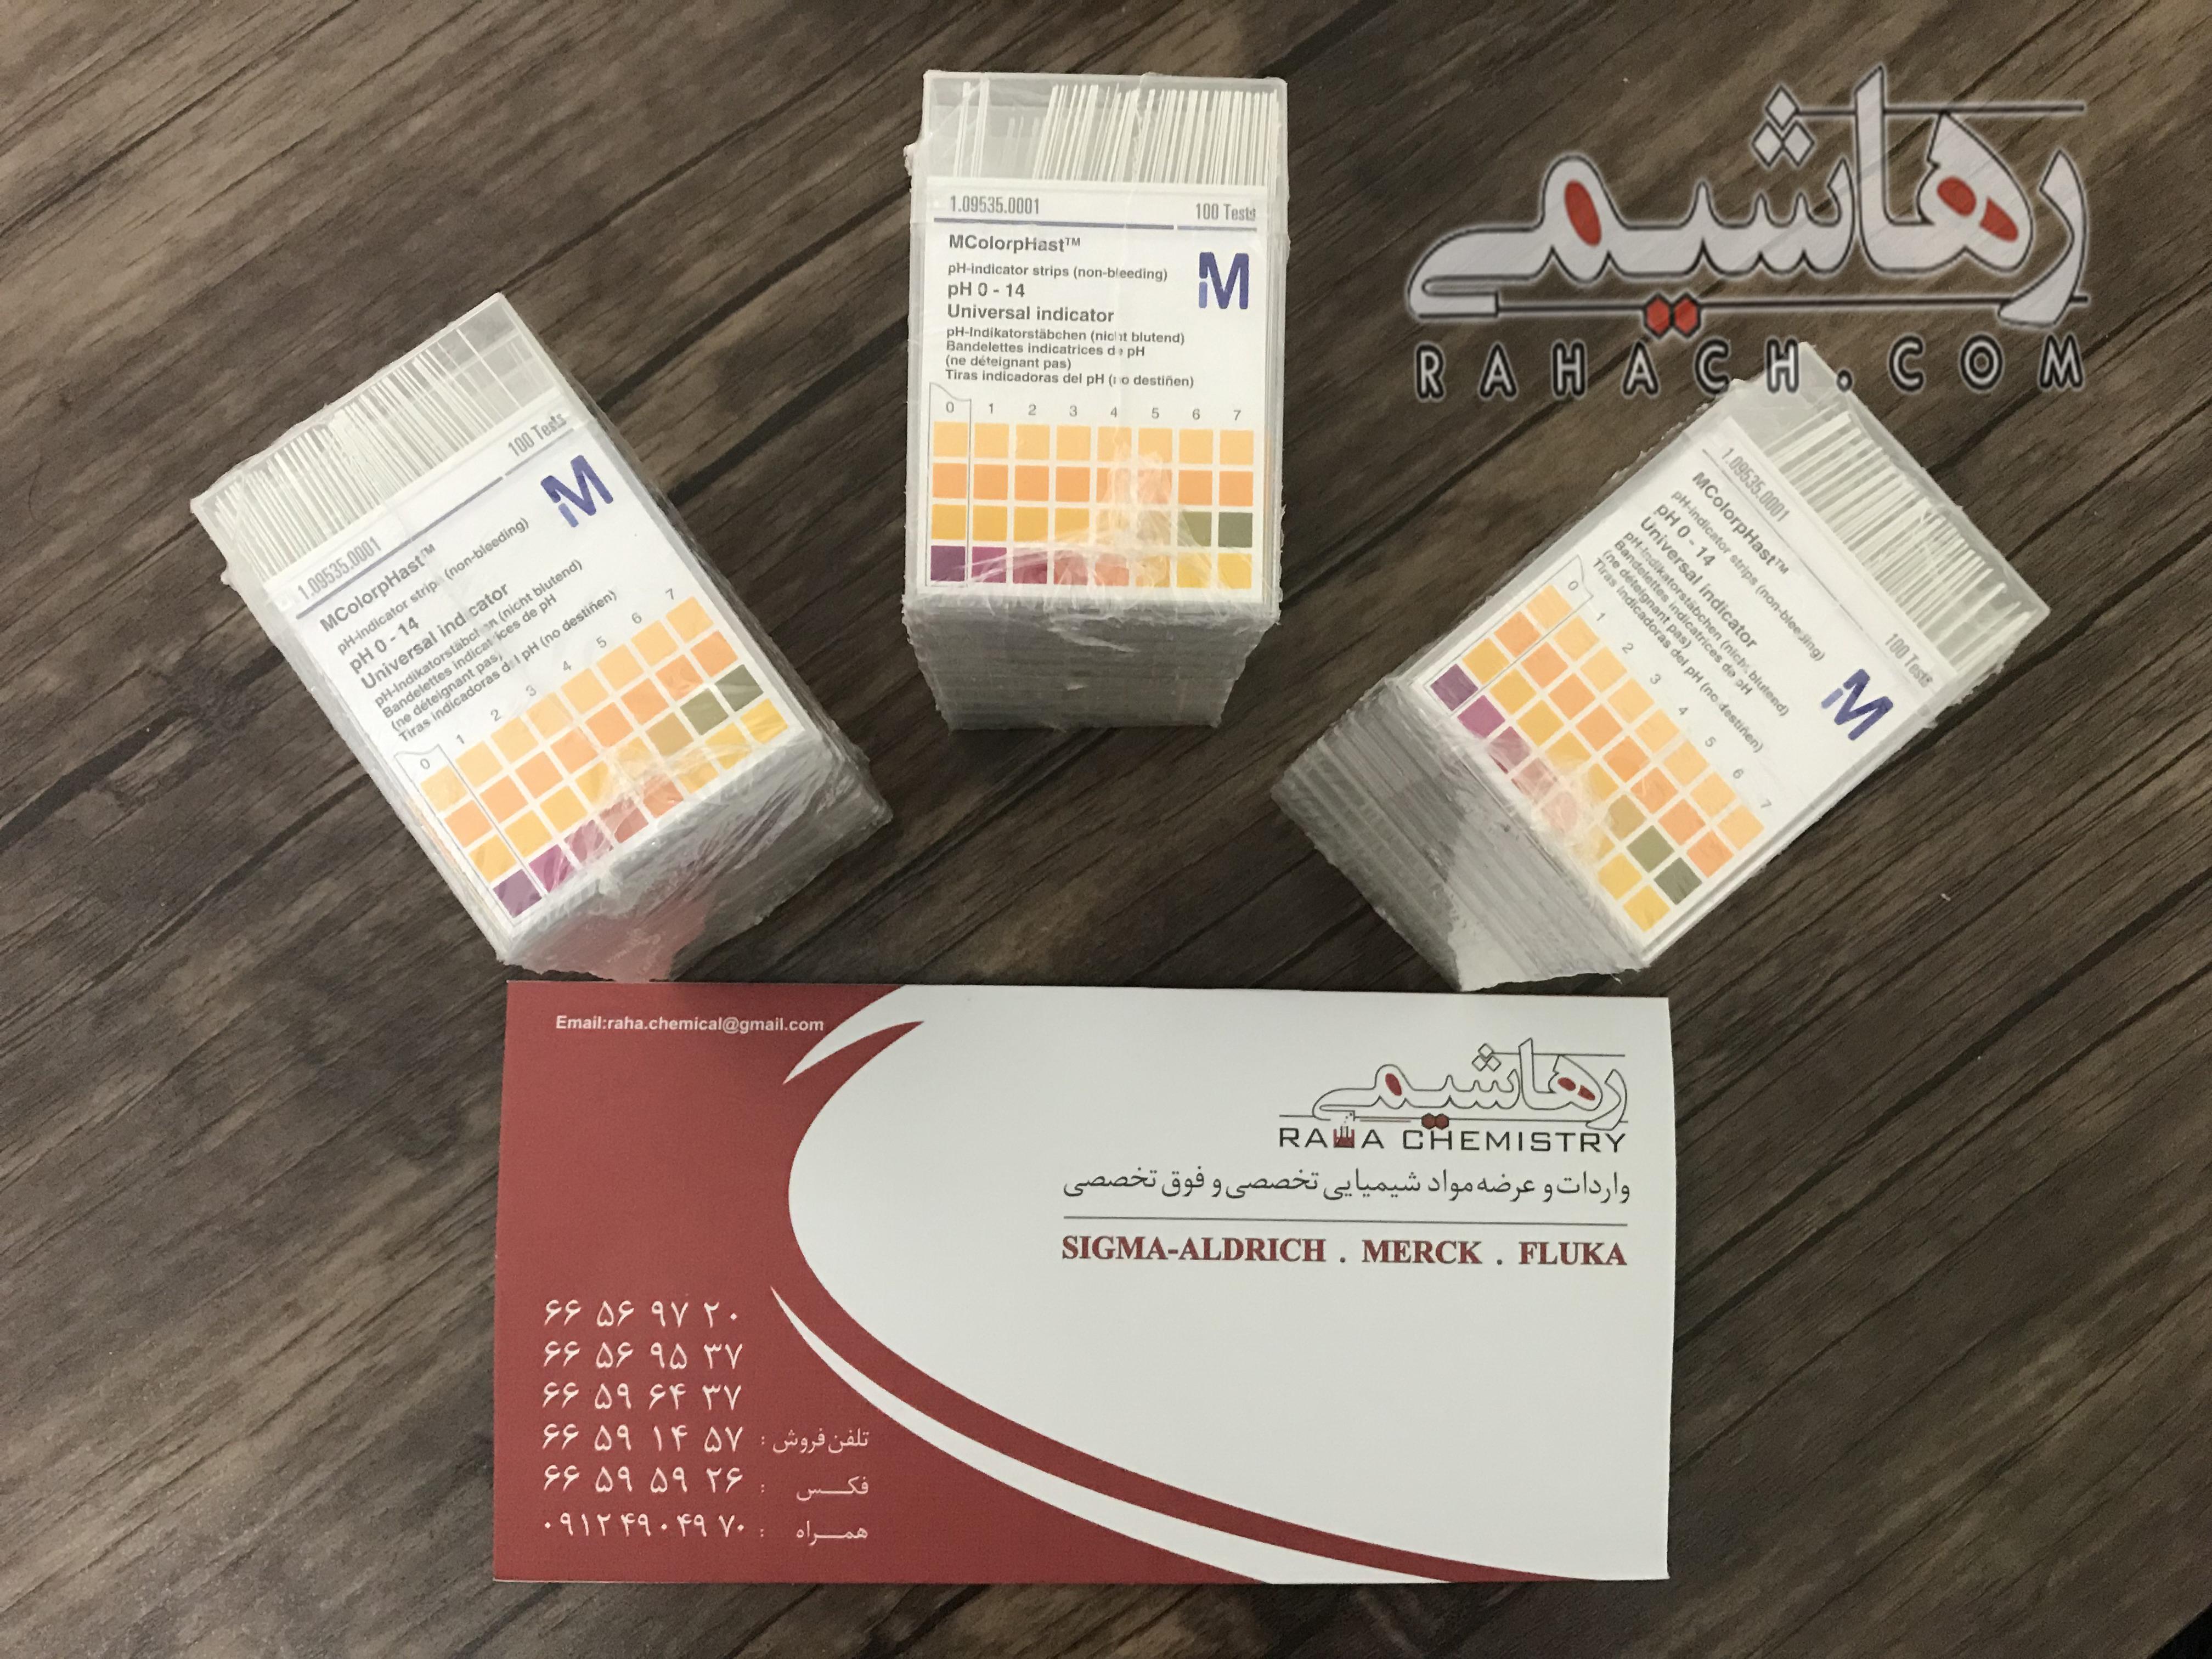 کاغذ های pH مرک آلمان با شماره کاتالوگ ۱۰۹۵۳۵ یک بسته ۱۰۰ عددی